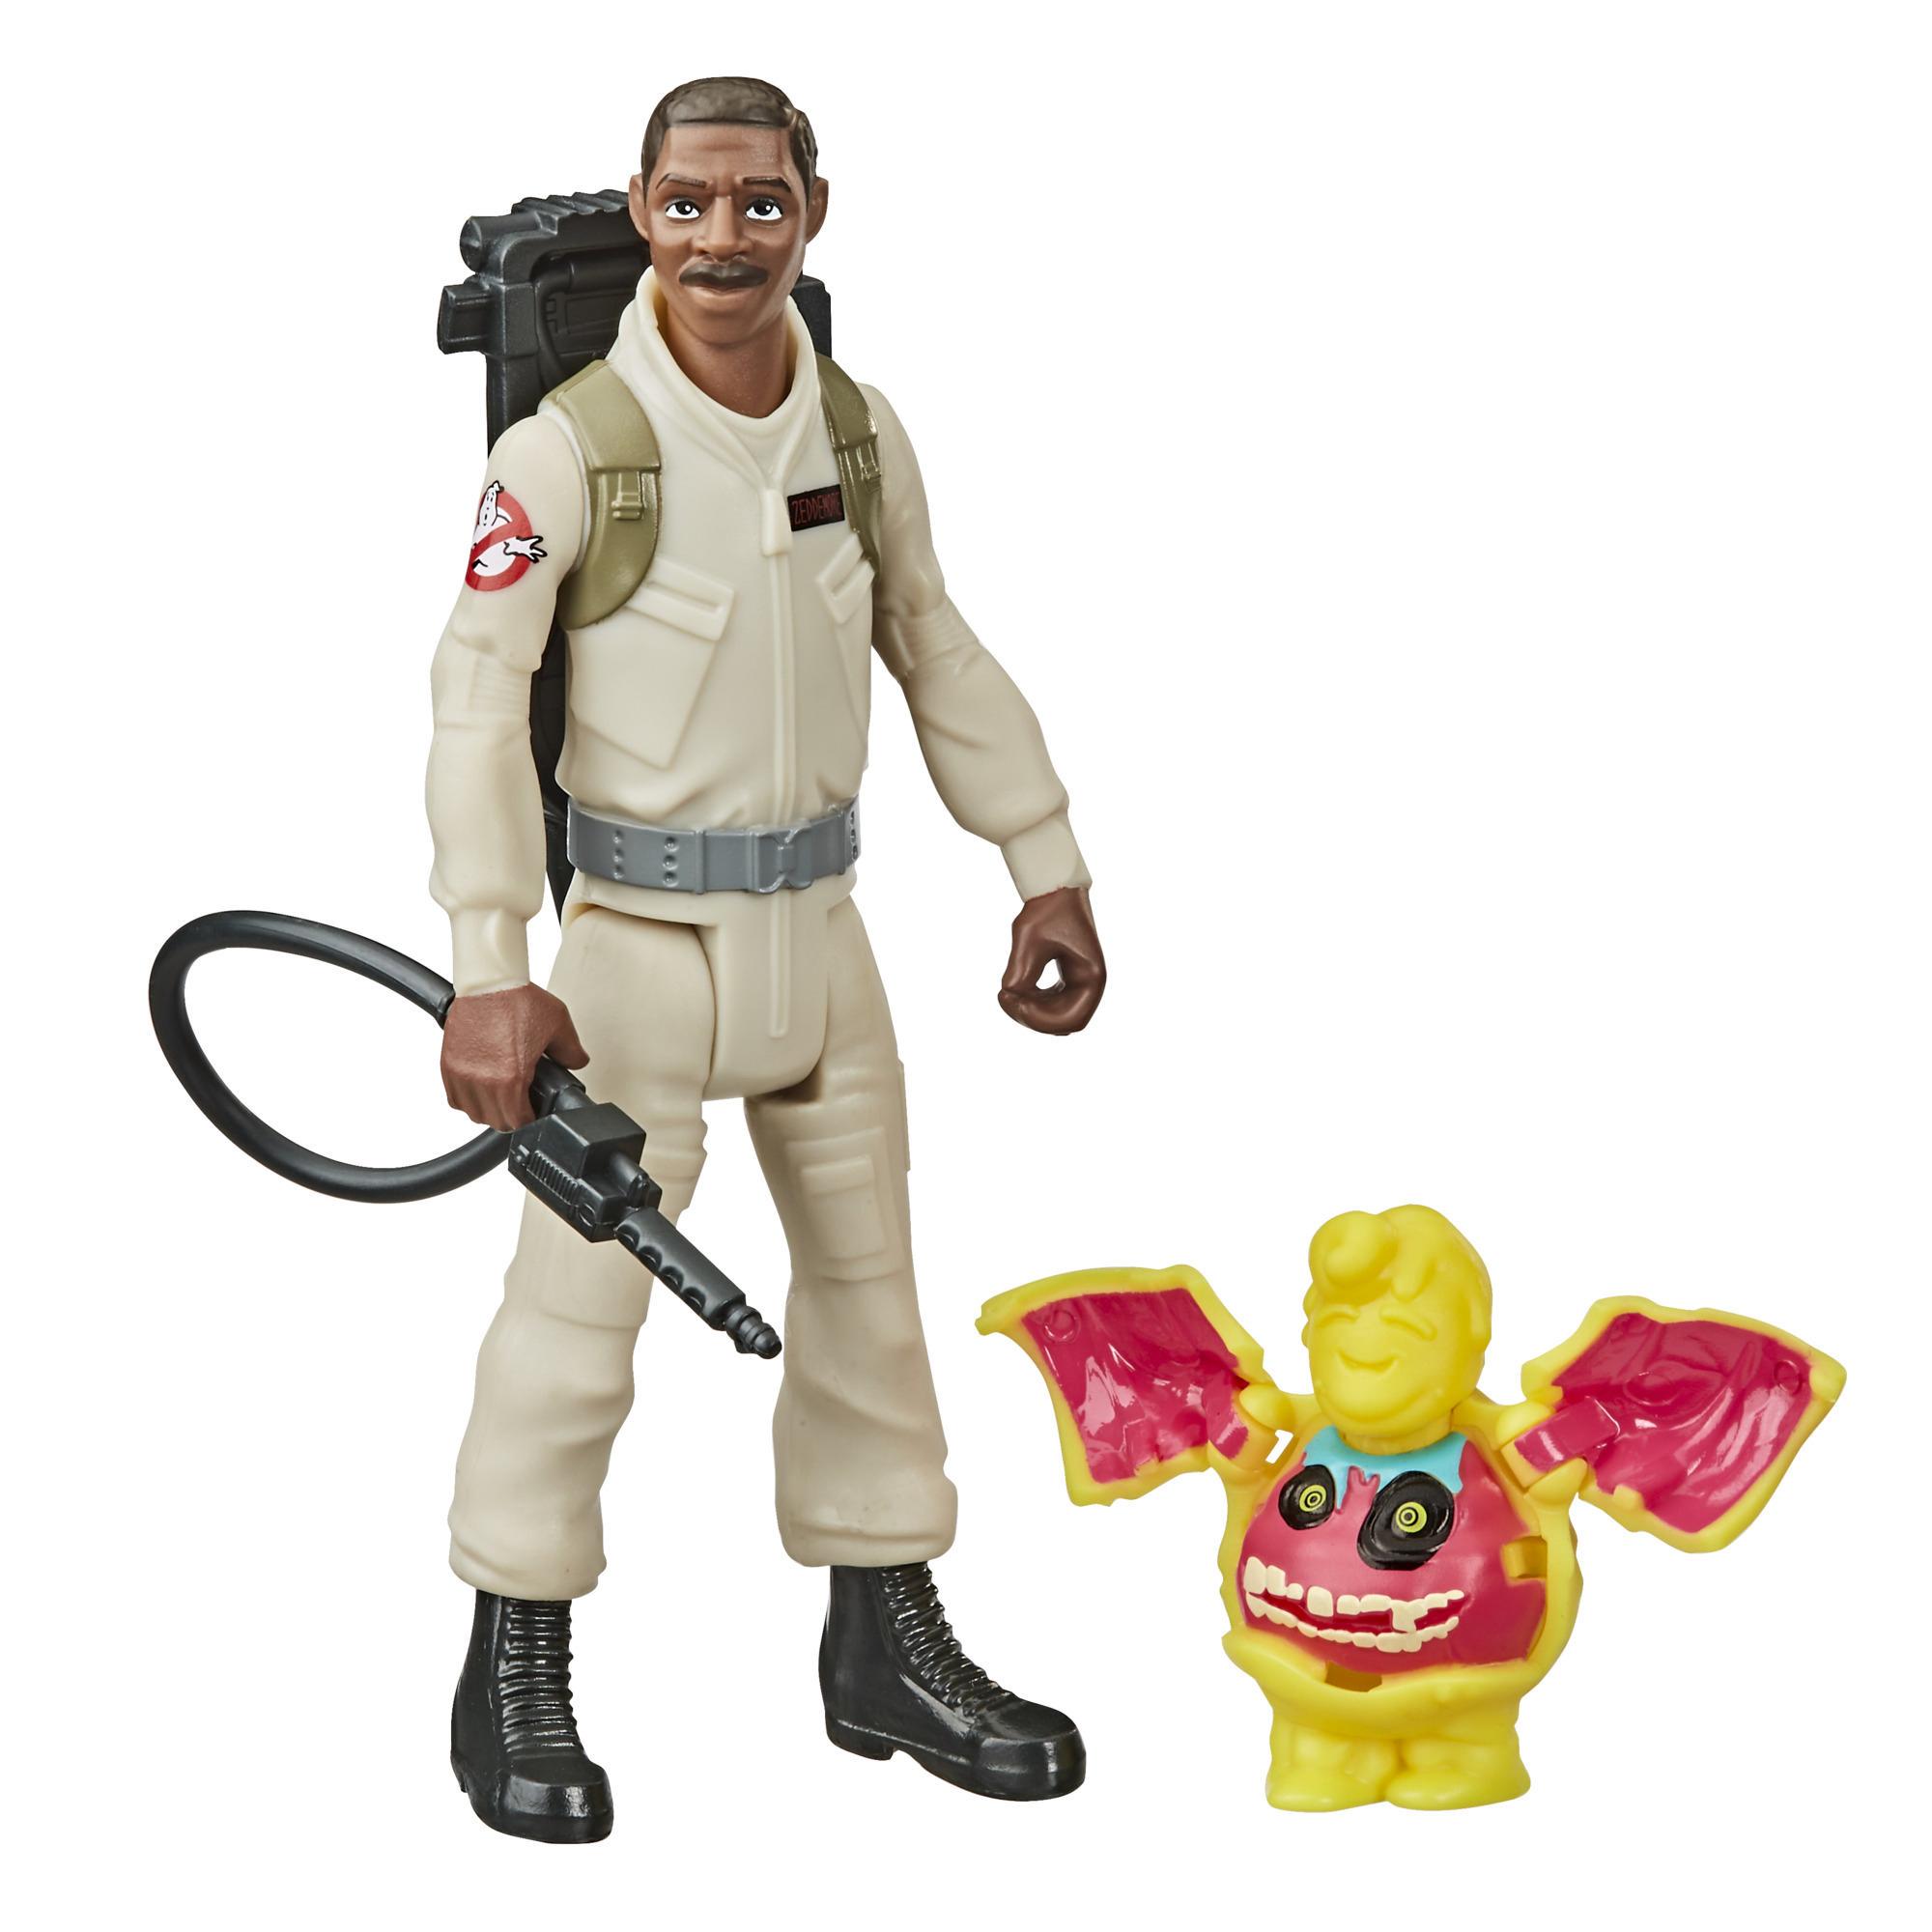 Ghostbusters - Winston Zeddemore (Action figure Sorpresa Spettrale con personaggio fantasma e accessorio)